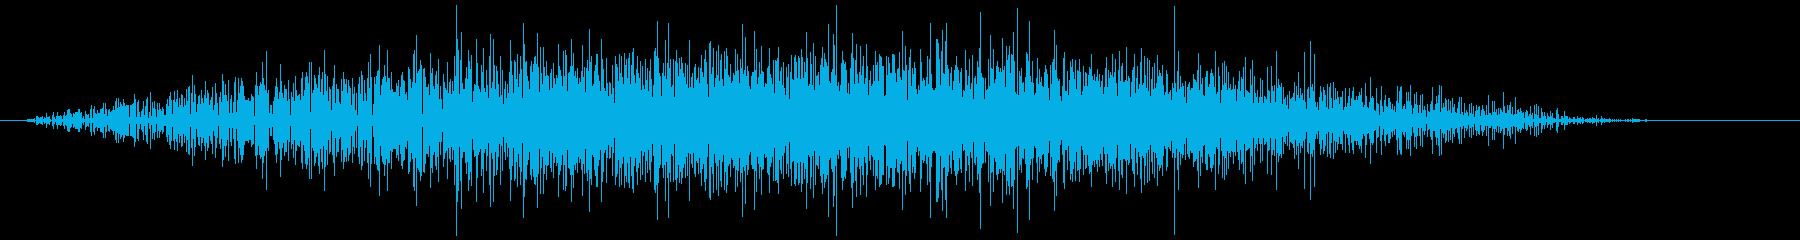 炭酸 弾ける音(しゅわわ)の再生済みの波形